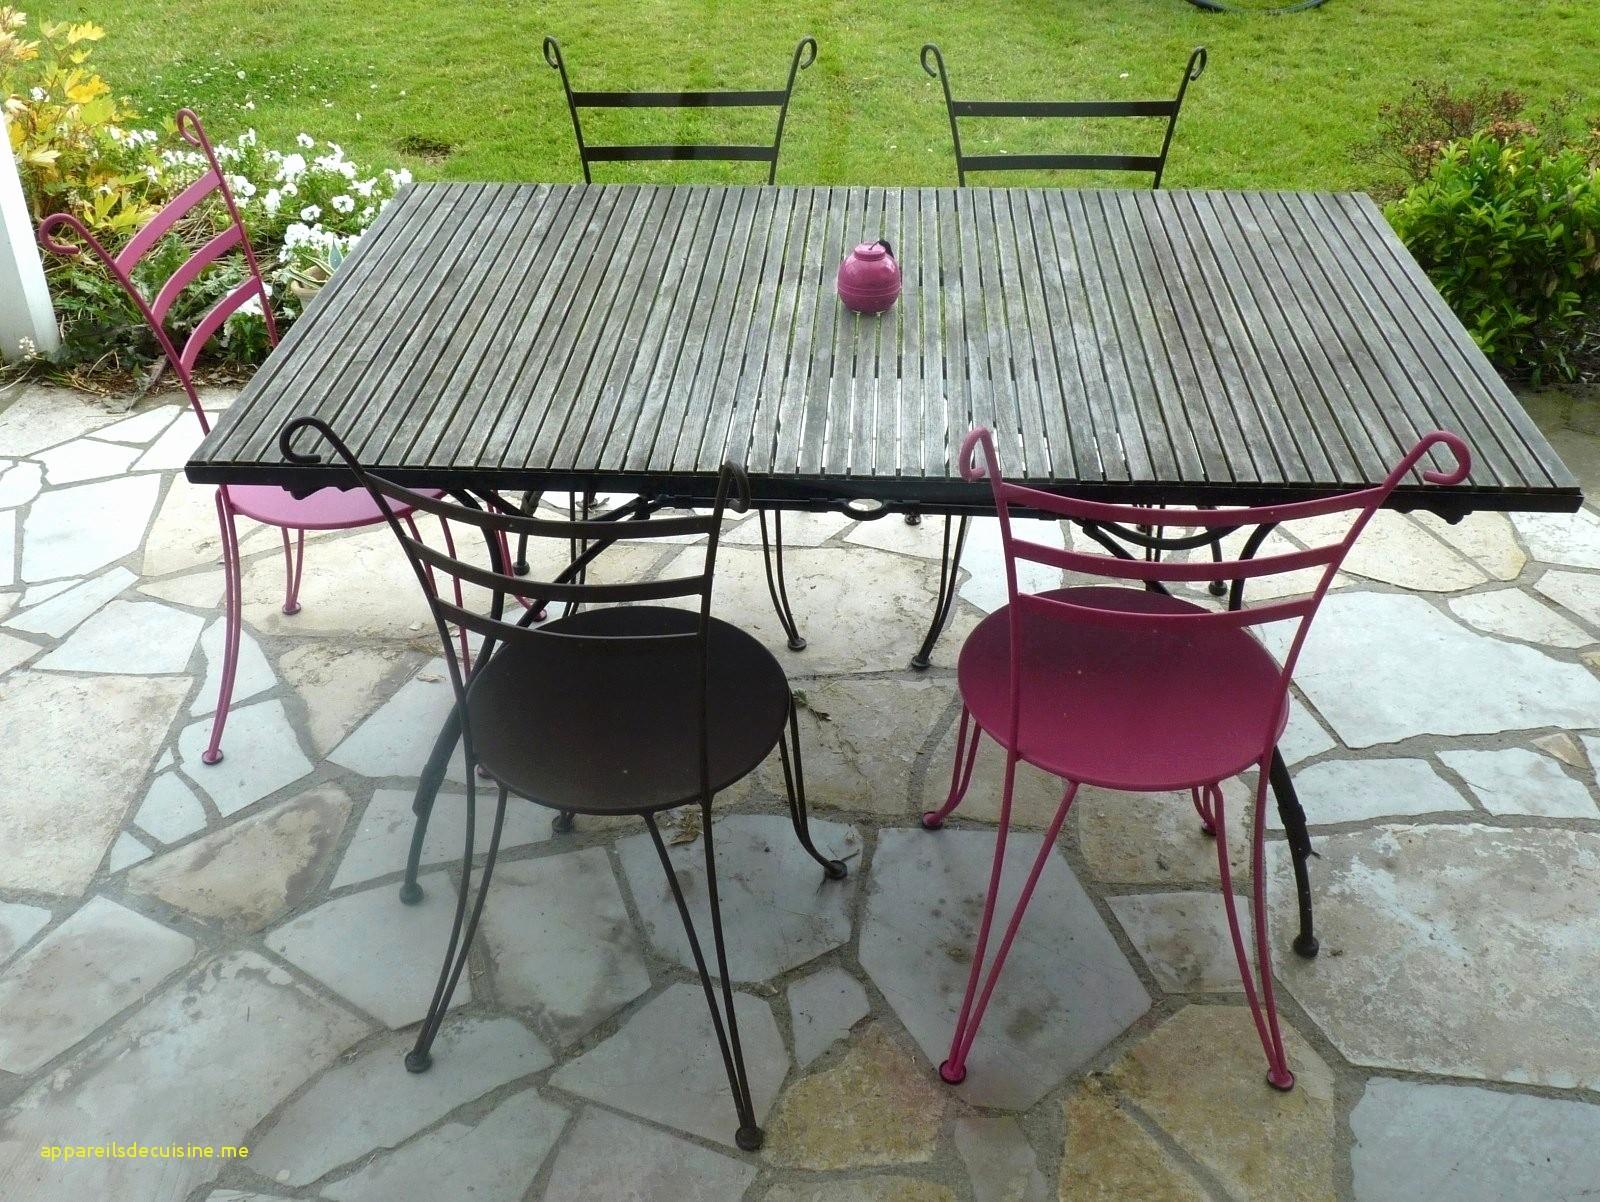 Table Et Chaises De Jardin Leclerc Frais Image Catalogue Leclerc Jardin Meilleur De Bmw Serie 2 Coupe 0d 190 Ch M